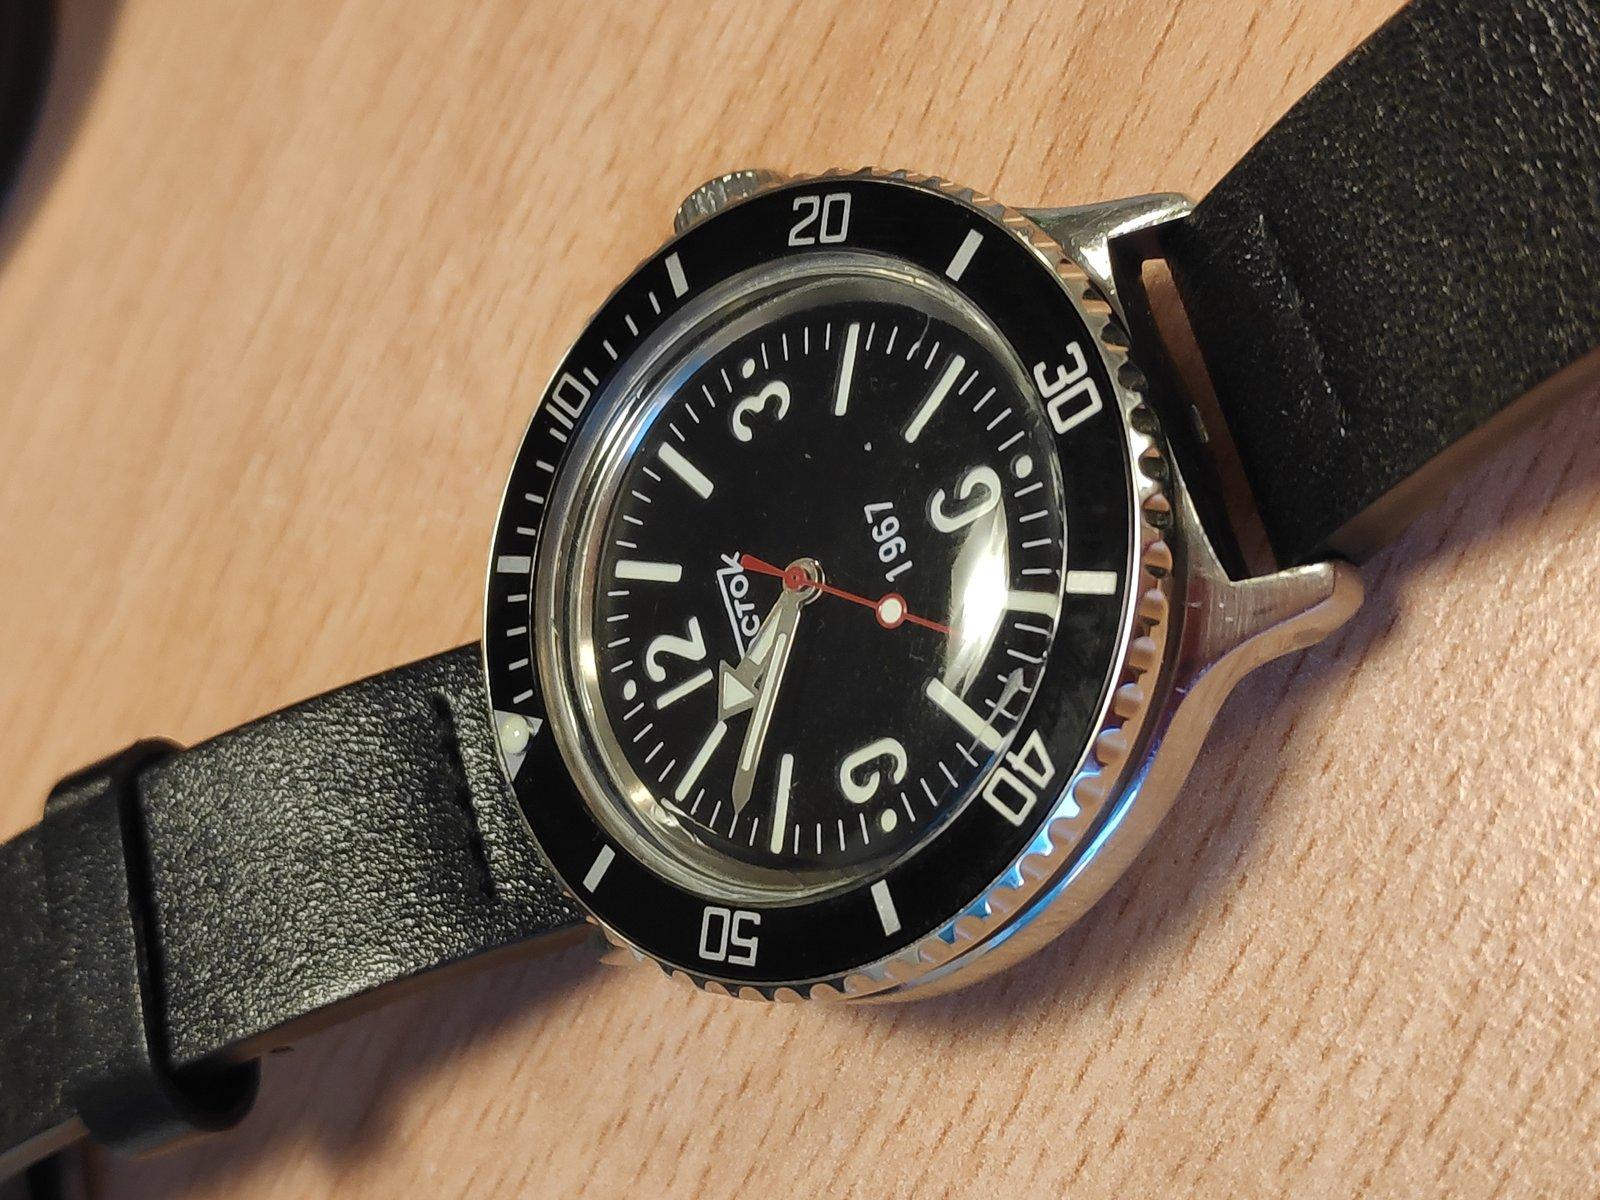 Vos montres russes customisées/modifiées - Page 12 210106015323640089